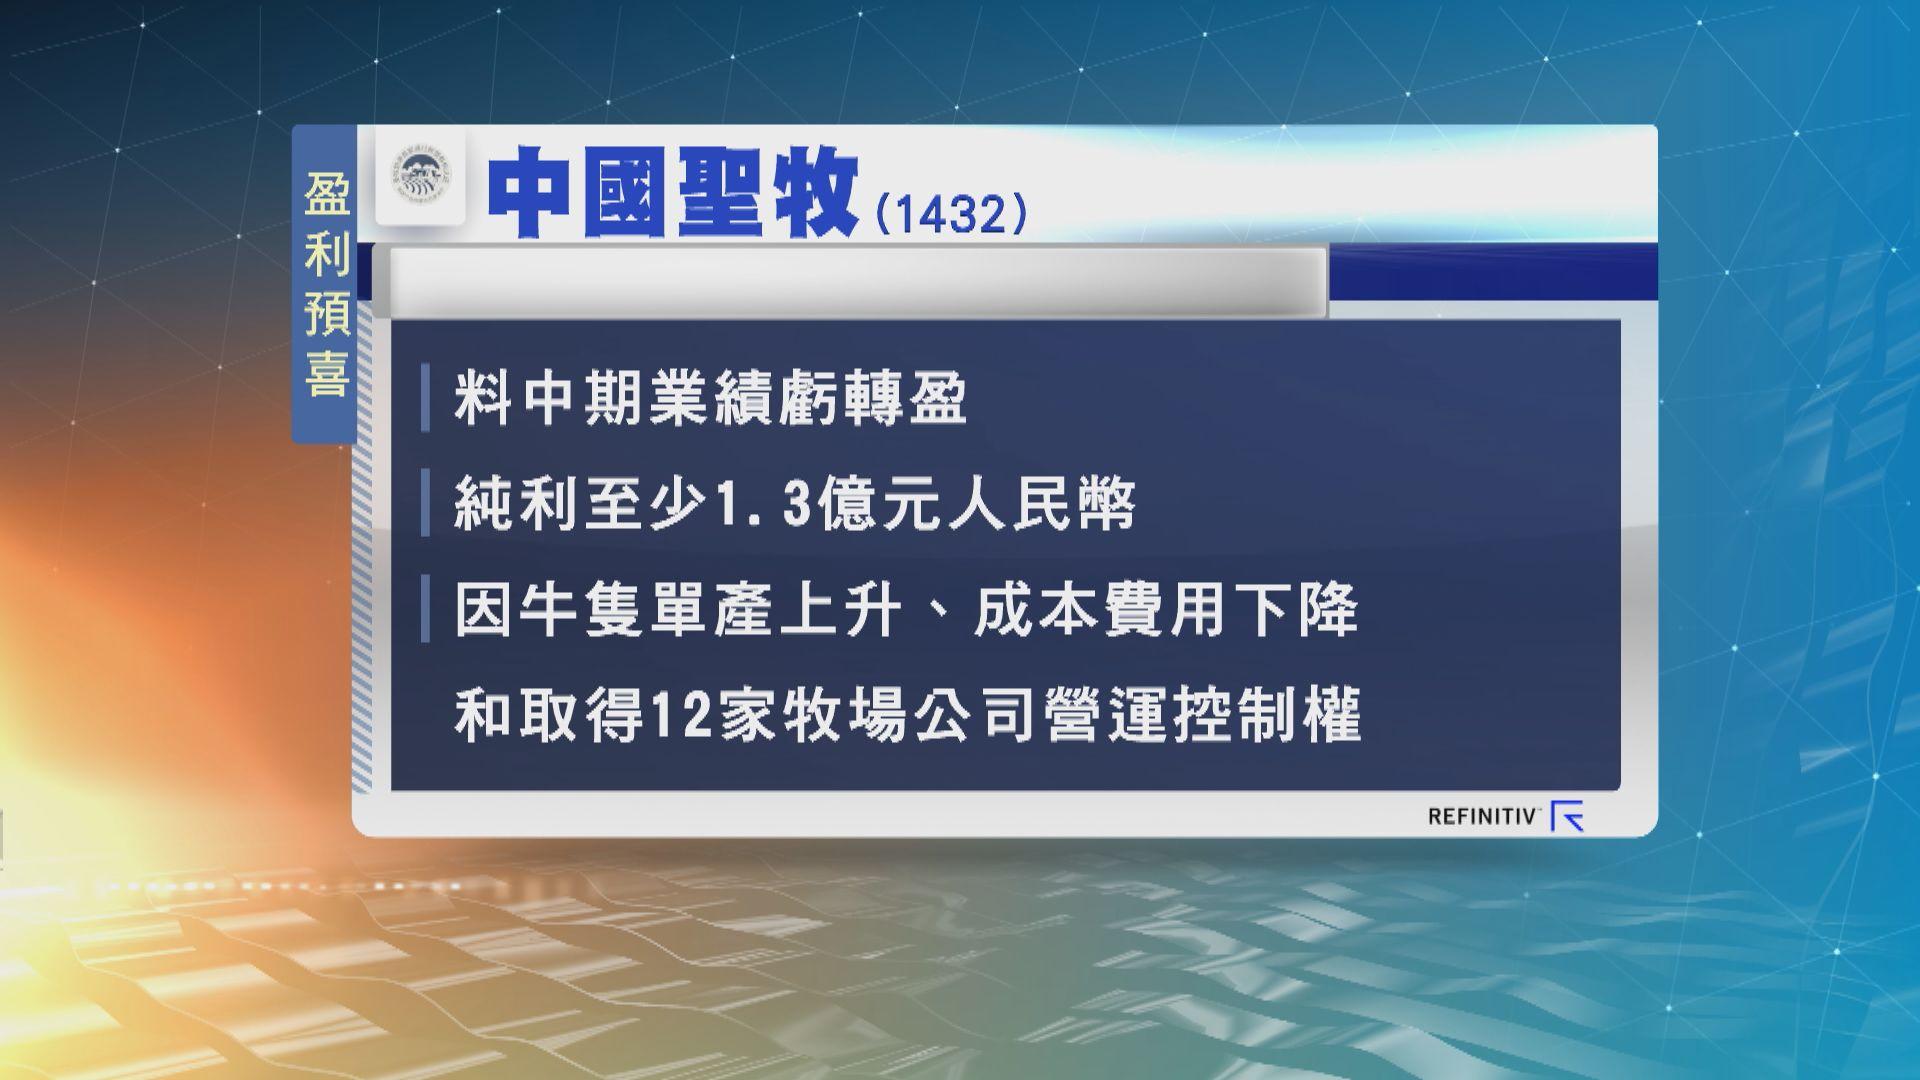 中國聖牧發盈利預喜